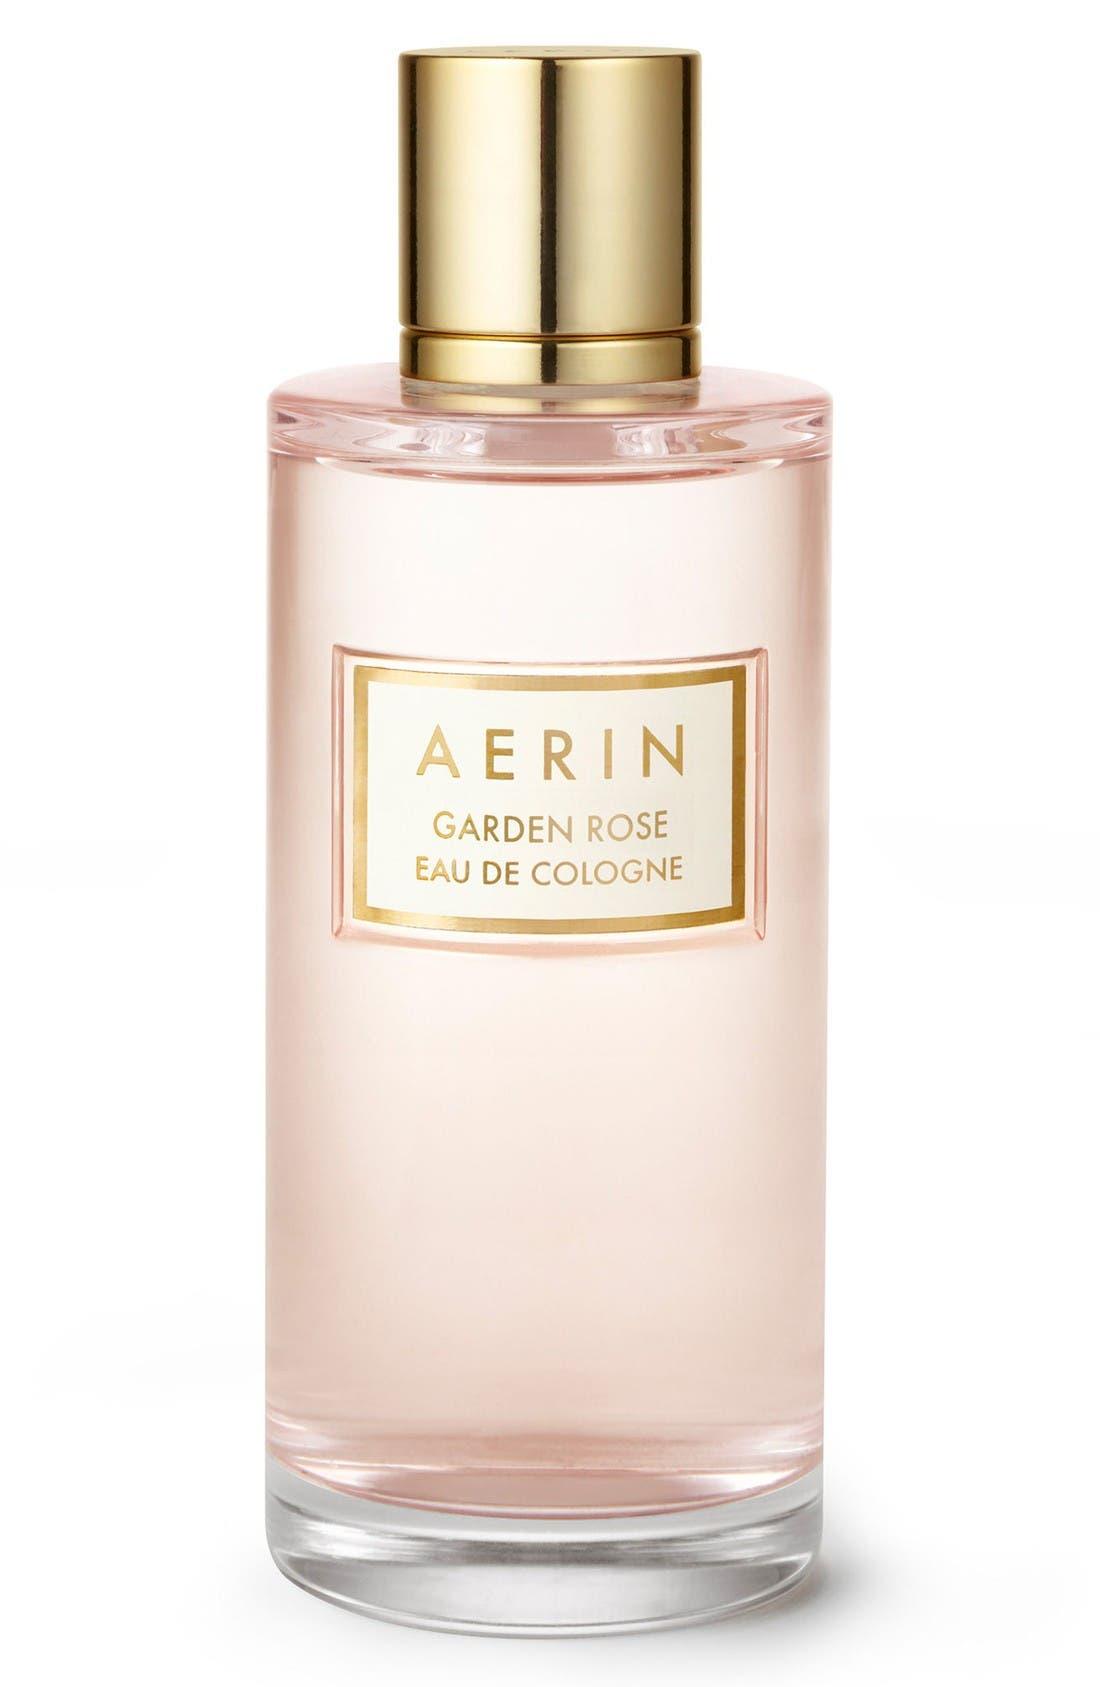 AERIN Beauty Garden Rose Eau de Cologne,                             Main thumbnail 1, color,                             No Color